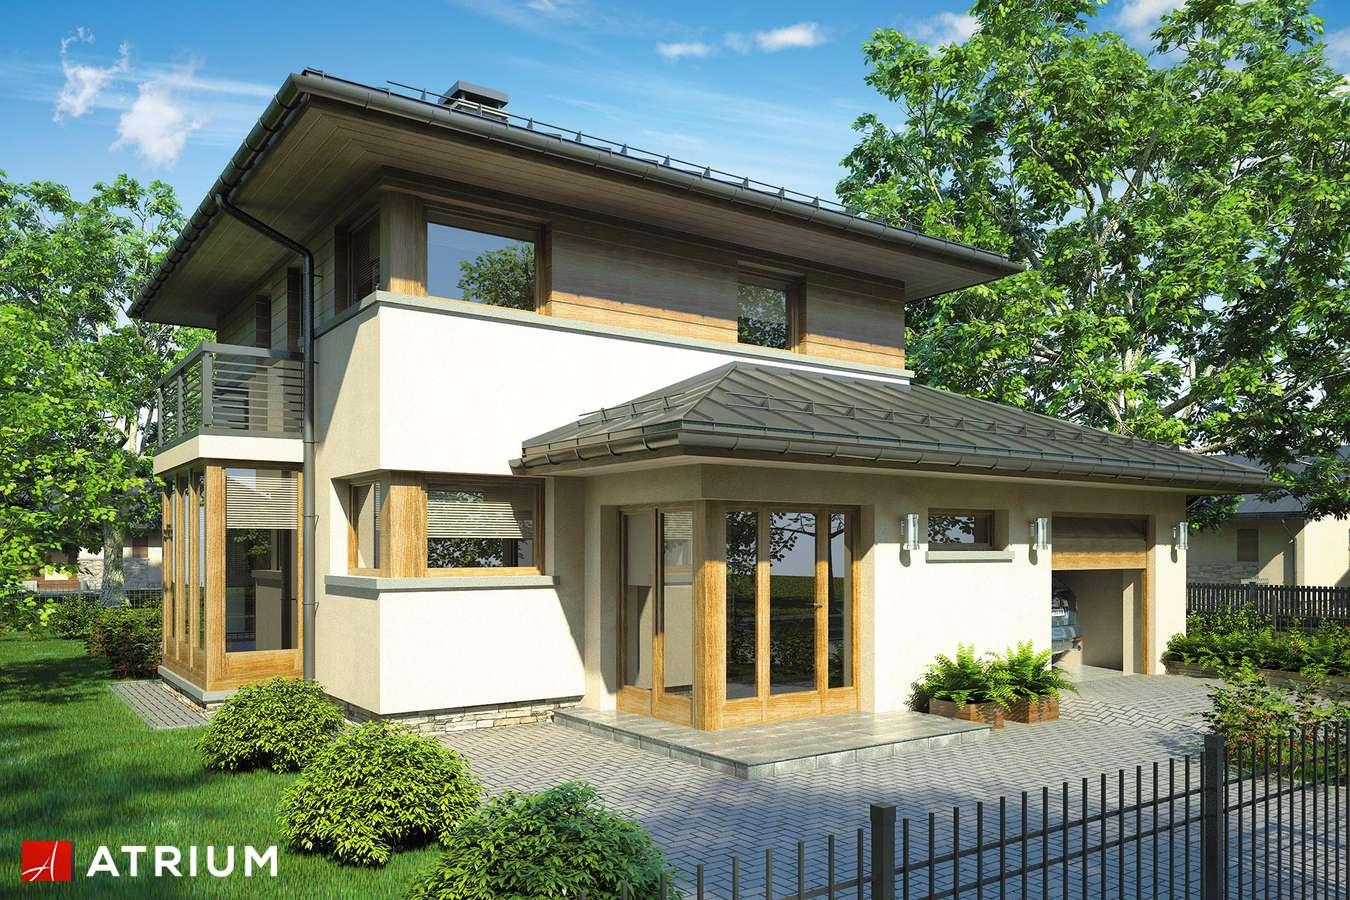 Projekty domów - Projekt domu piętrowego SIENA - wizualizacja 1 - wersja lustrzana